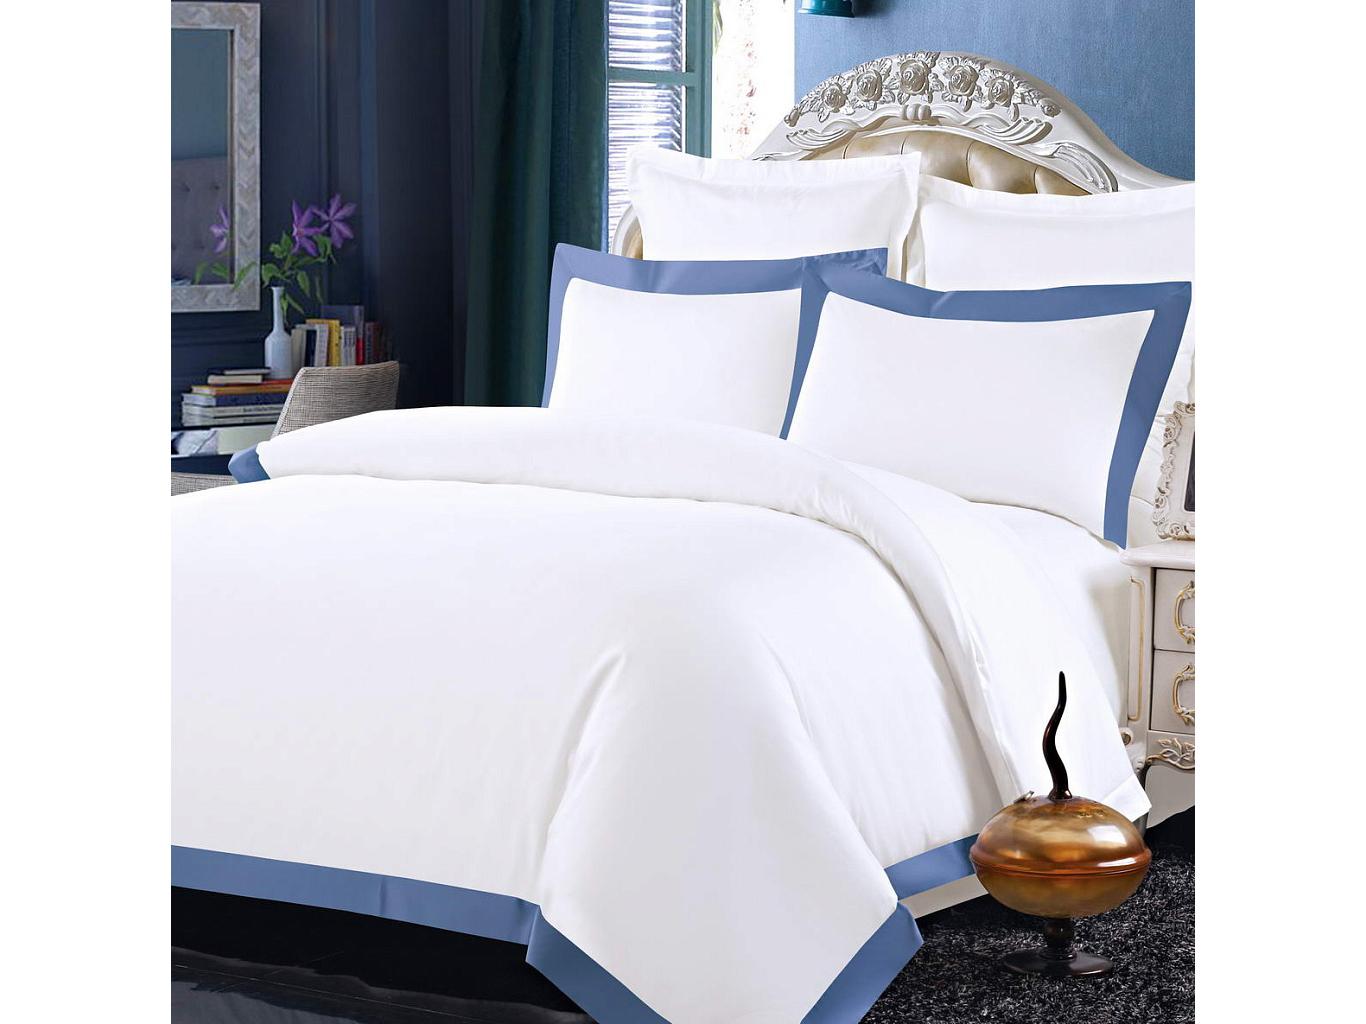 Комплект постельного белья МортеллоПолутороспальные комлпекты постельного белья<br>&amp;lt;div&amp;gt;Великолепный белоснежный комплект из хлопка станет настоящим украшением для Вашей спальни. Наволочки с декоративными &amp;quot;ушками&amp;quot; пастельных цветов смотрятся необыкновенно стильно. Хлопковая нить сплетается определенным способом, это позволяет получить высокую плотность ткани, не теряя при этом мягкости.&amp;amp;nbsp;&amp;lt;/div&amp;gt;&amp;lt;div&amp;gt;&amp;lt;br&amp;gt;&amp;lt;/div&amp;gt;&amp;lt;div&amp;gt;Комплектация:&amp;amp;nbsp;&amp;lt;/div&amp;gt;&amp;lt;div&amp;gt;Пододеяльник: 160х220 см(1 шт.);&amp;amp;nbsp;&amp;lt;/div&amp;gt;&amp;lt;div&amp;gt;Простыня: 160х230 см(1 шт.);&amp;amp;nbsp;&amp;lt;/div&amp;gt;&amp;lt;div&amp;gt;Наволочки: 50х70 см(2 шт.)&amp;amp;nbsp;&amp;lt;/div&amp;gt;&amp;lt;div&amp;gt;Состав: 100% хлопок&amp;lt;/div&amp;gt;<br><br>Material: Хлопок<br>Ширина см: 160.0<br>Глубина см: 230.0